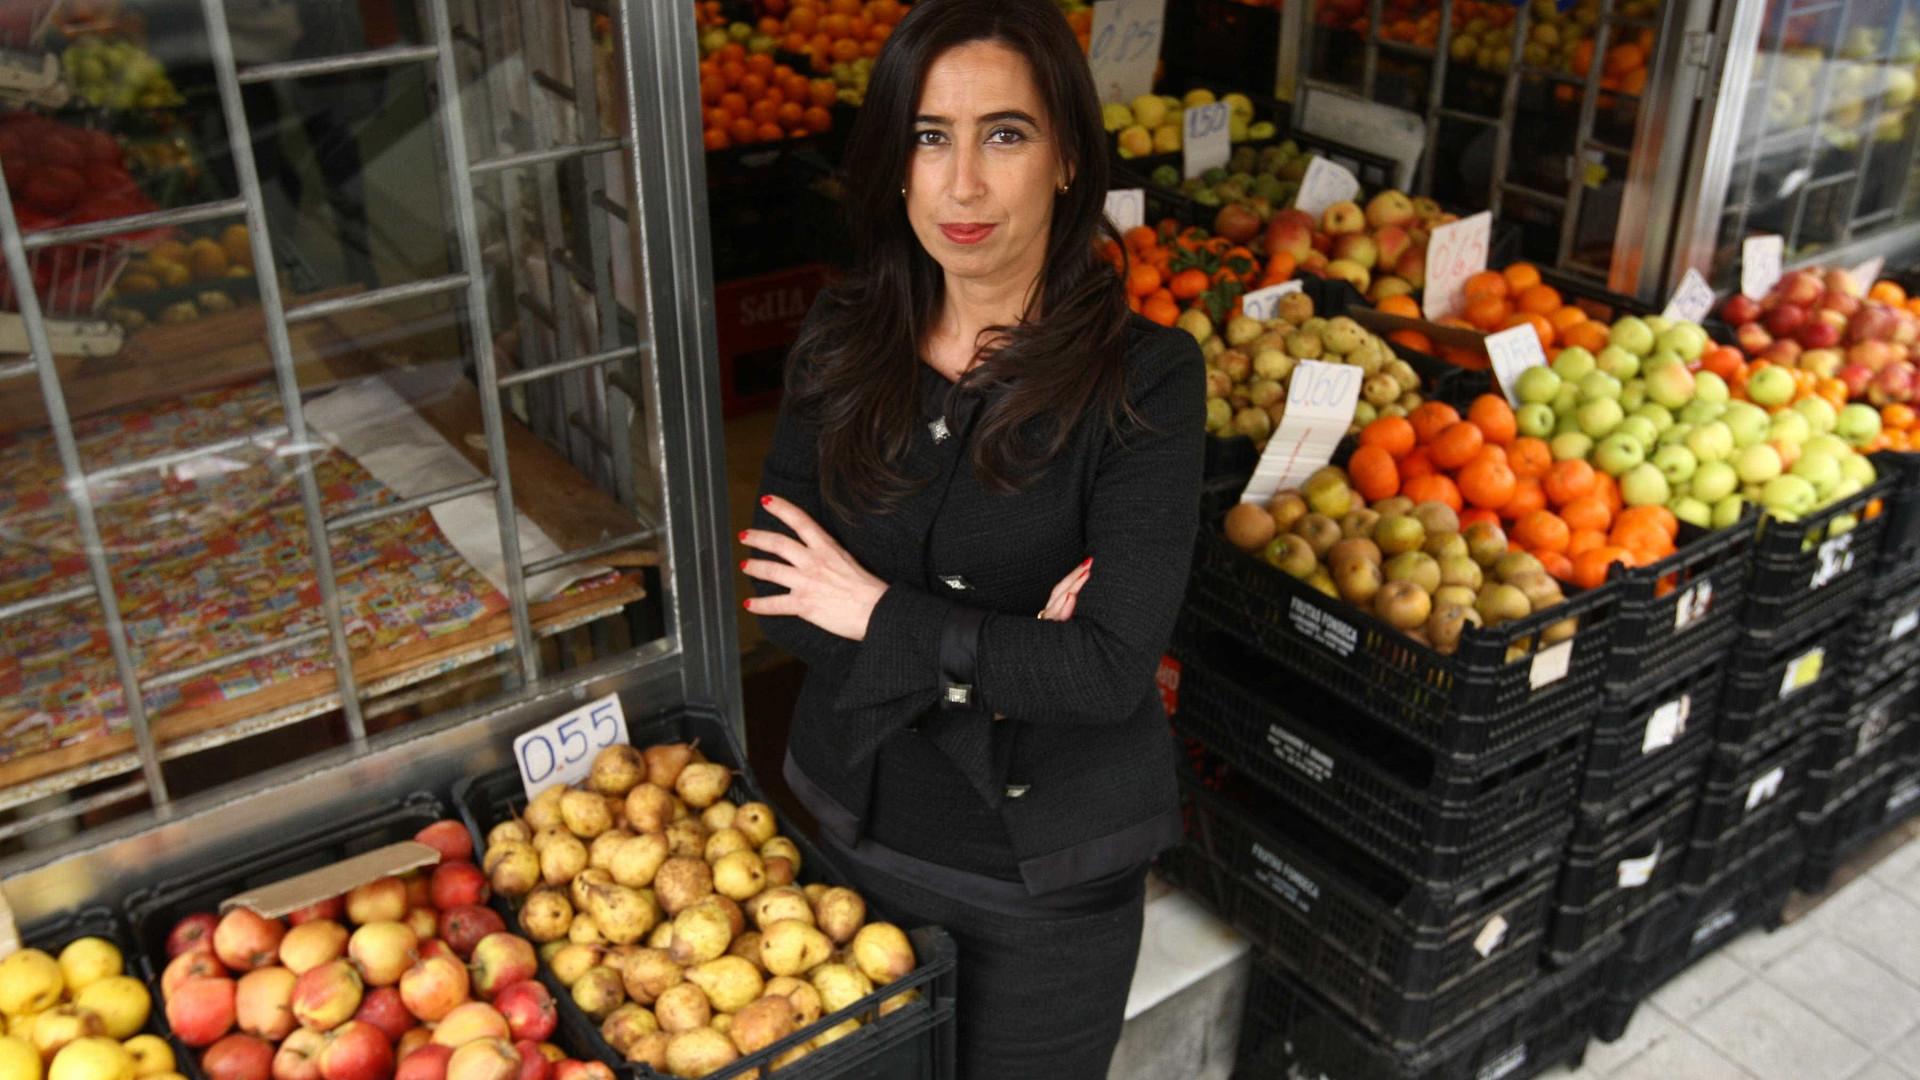 Bastonária defende integração de nutricionistas em instituições sociais